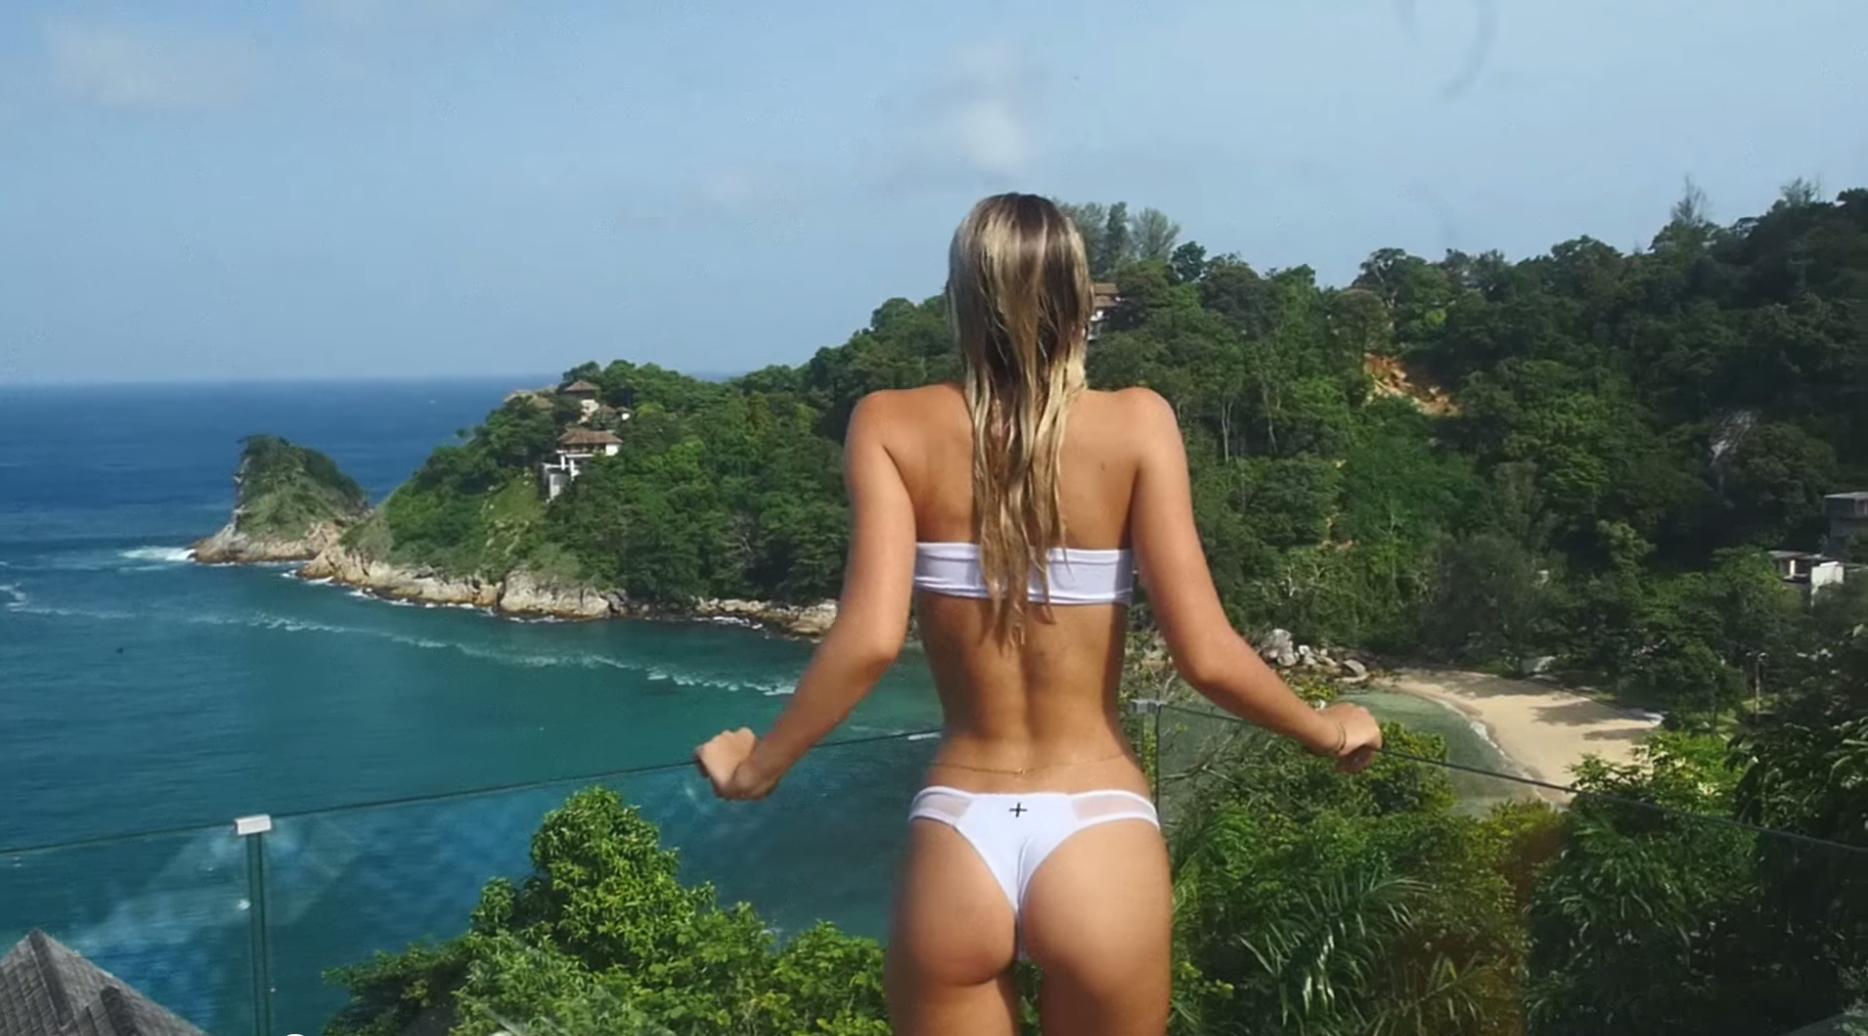 sexe en vacances avec de la petite coquine : videos